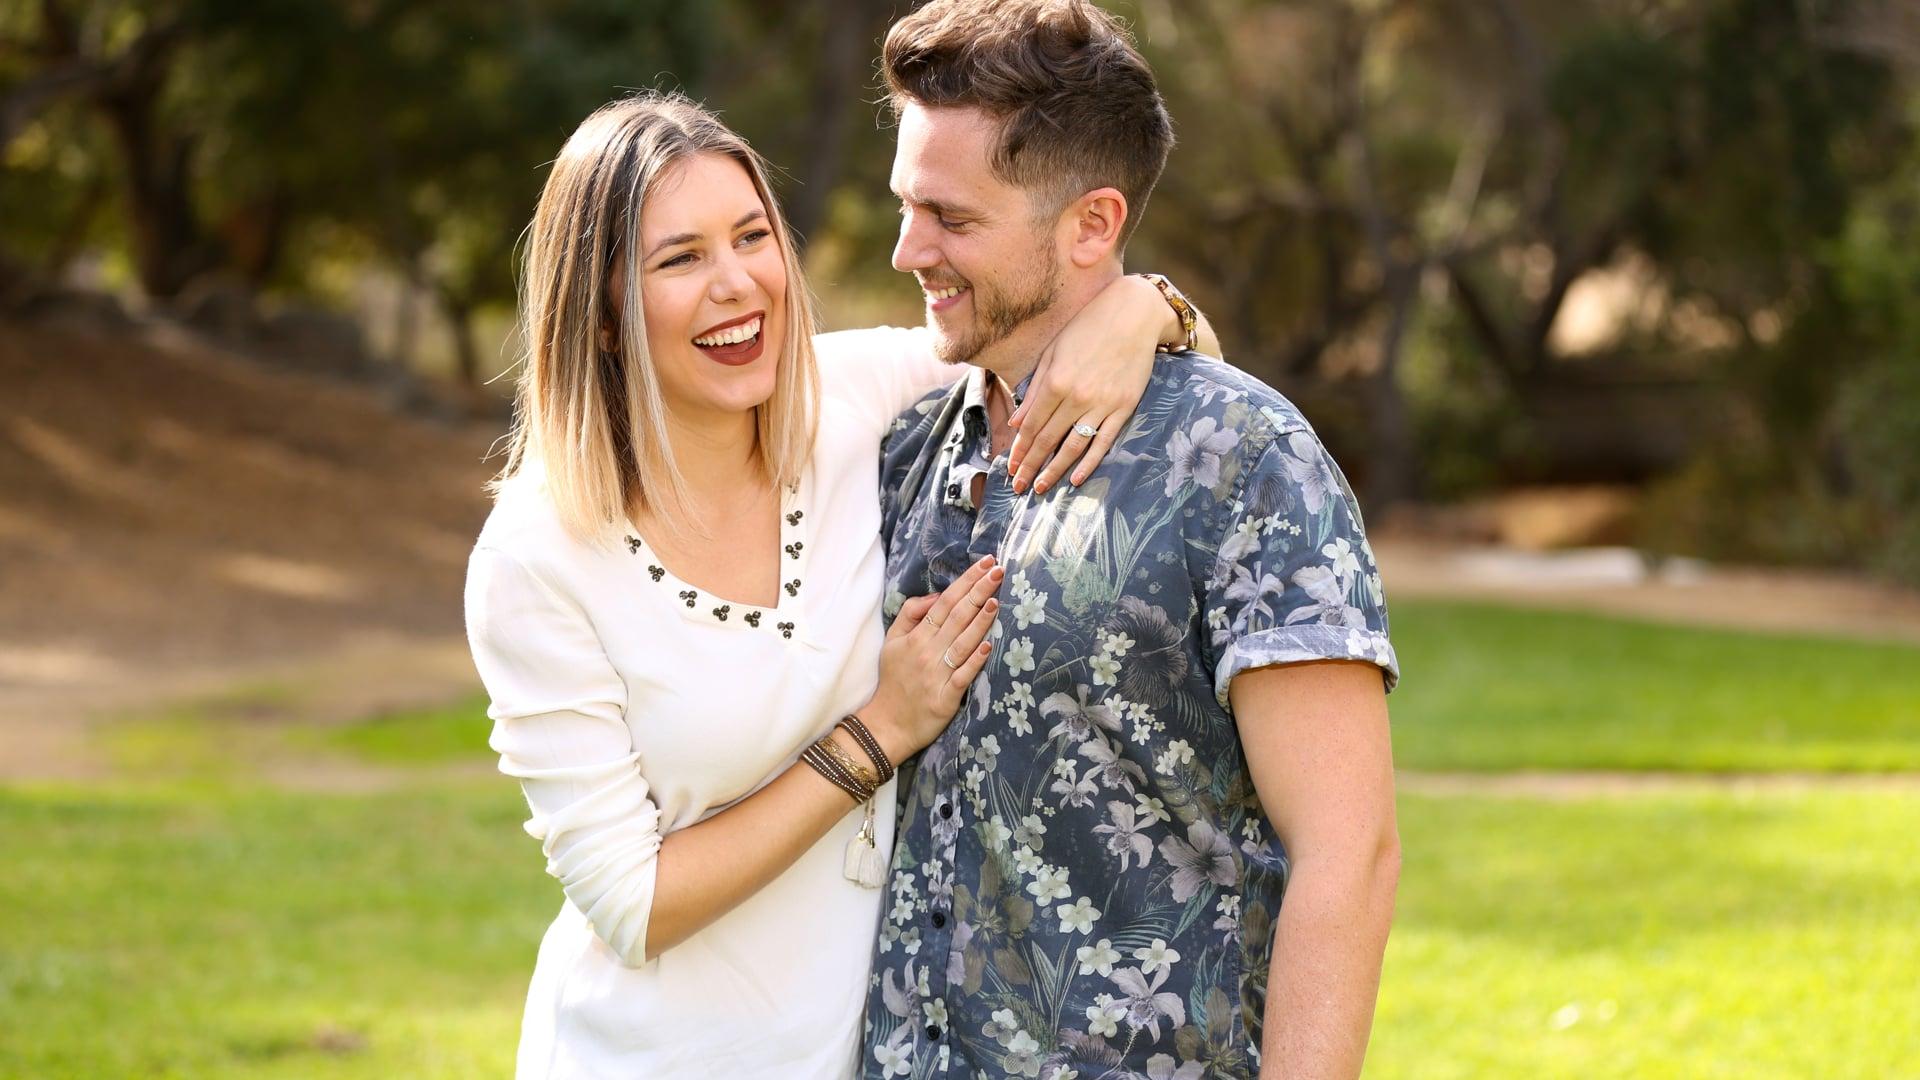 David & Danielle's Surprise Engagement & Party